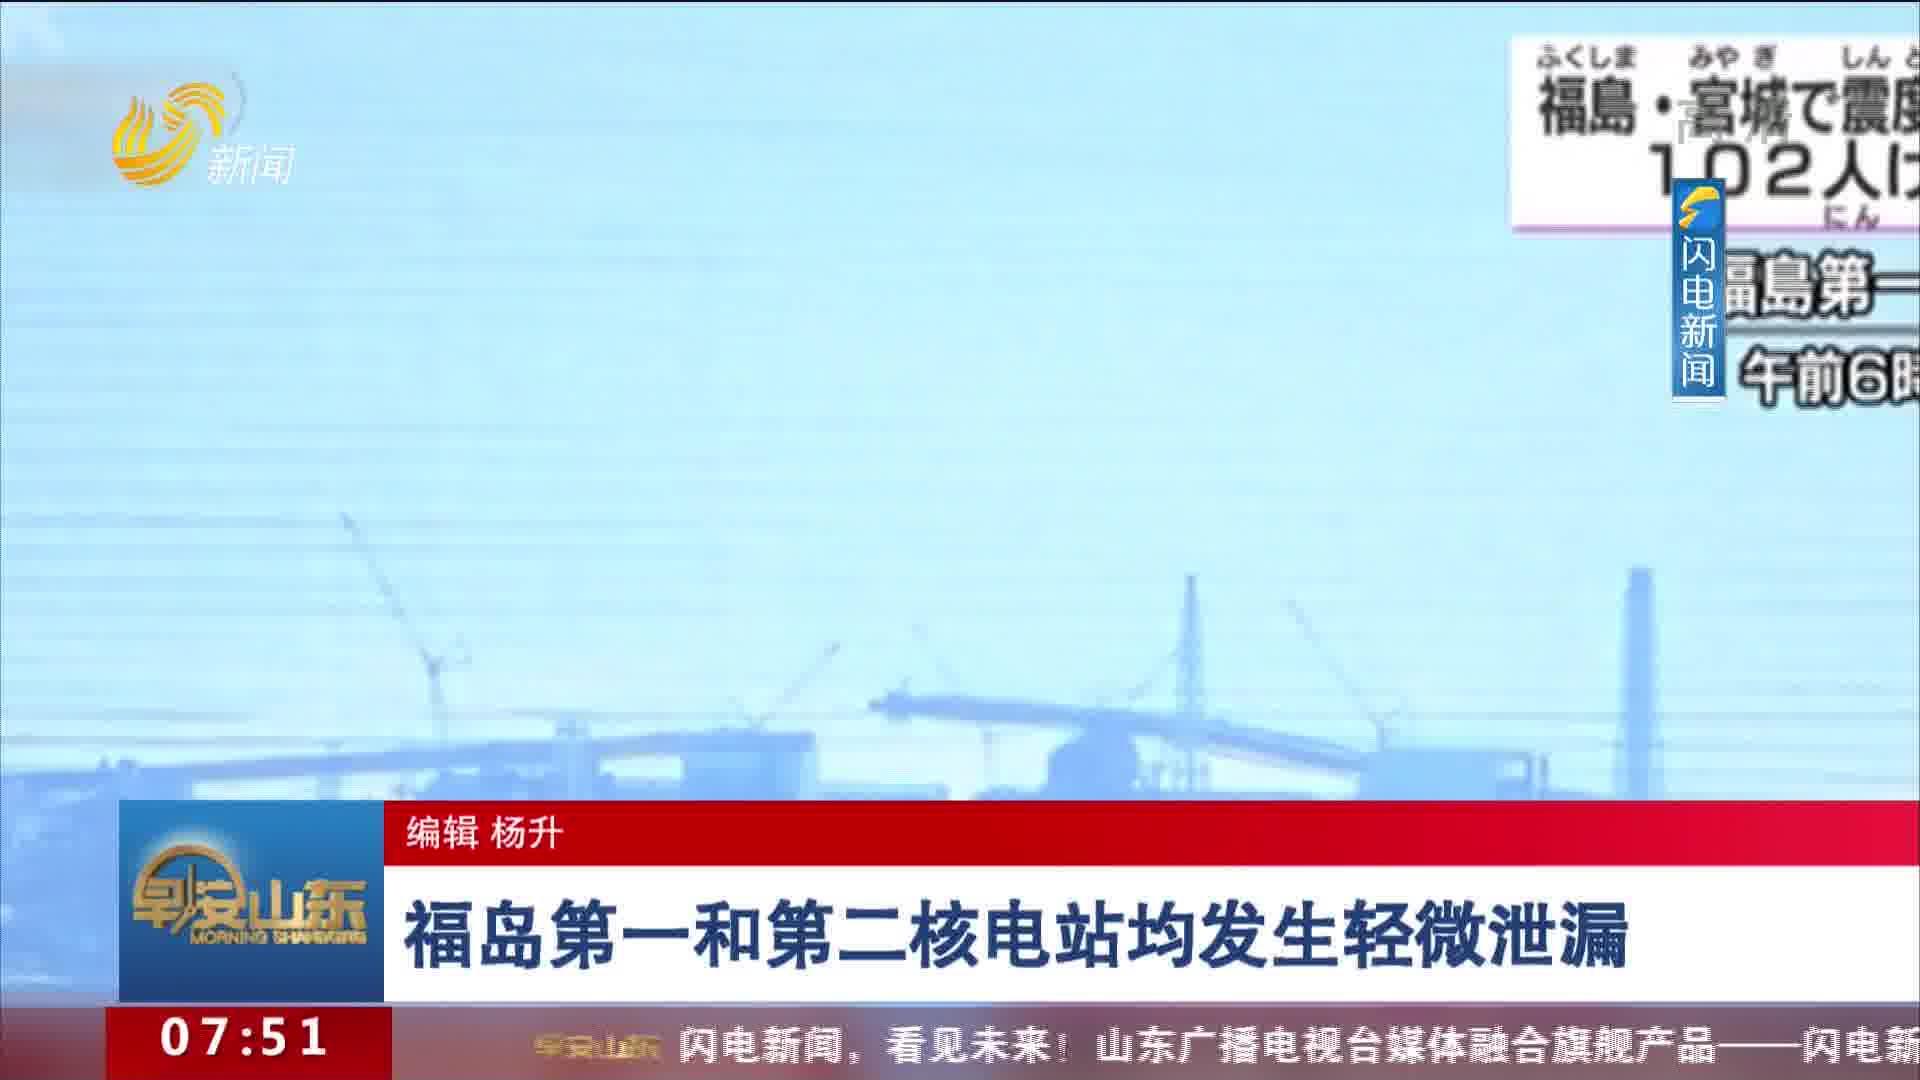 【日本福岛近海发生7.3级强震】福岛第一和第二核电站均发生轻微泄漏